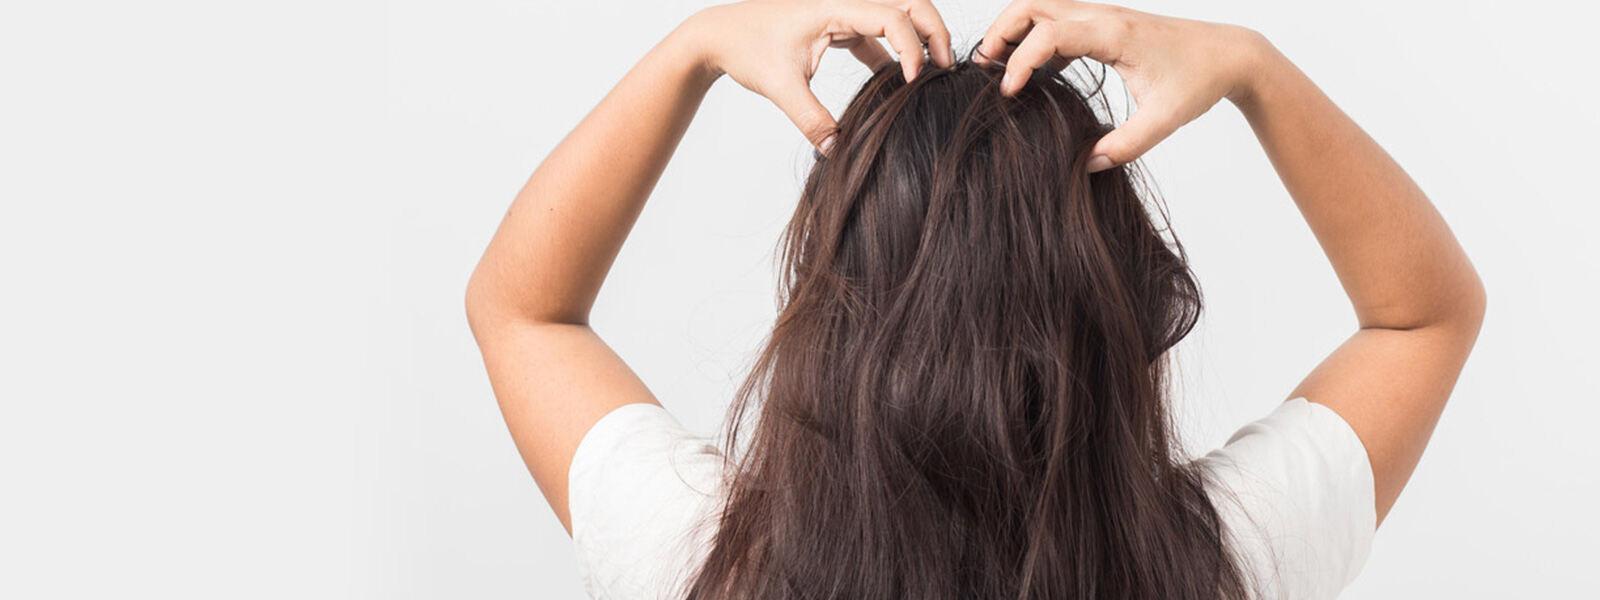 femme brunette posant ses mains sur le haut de sa tête